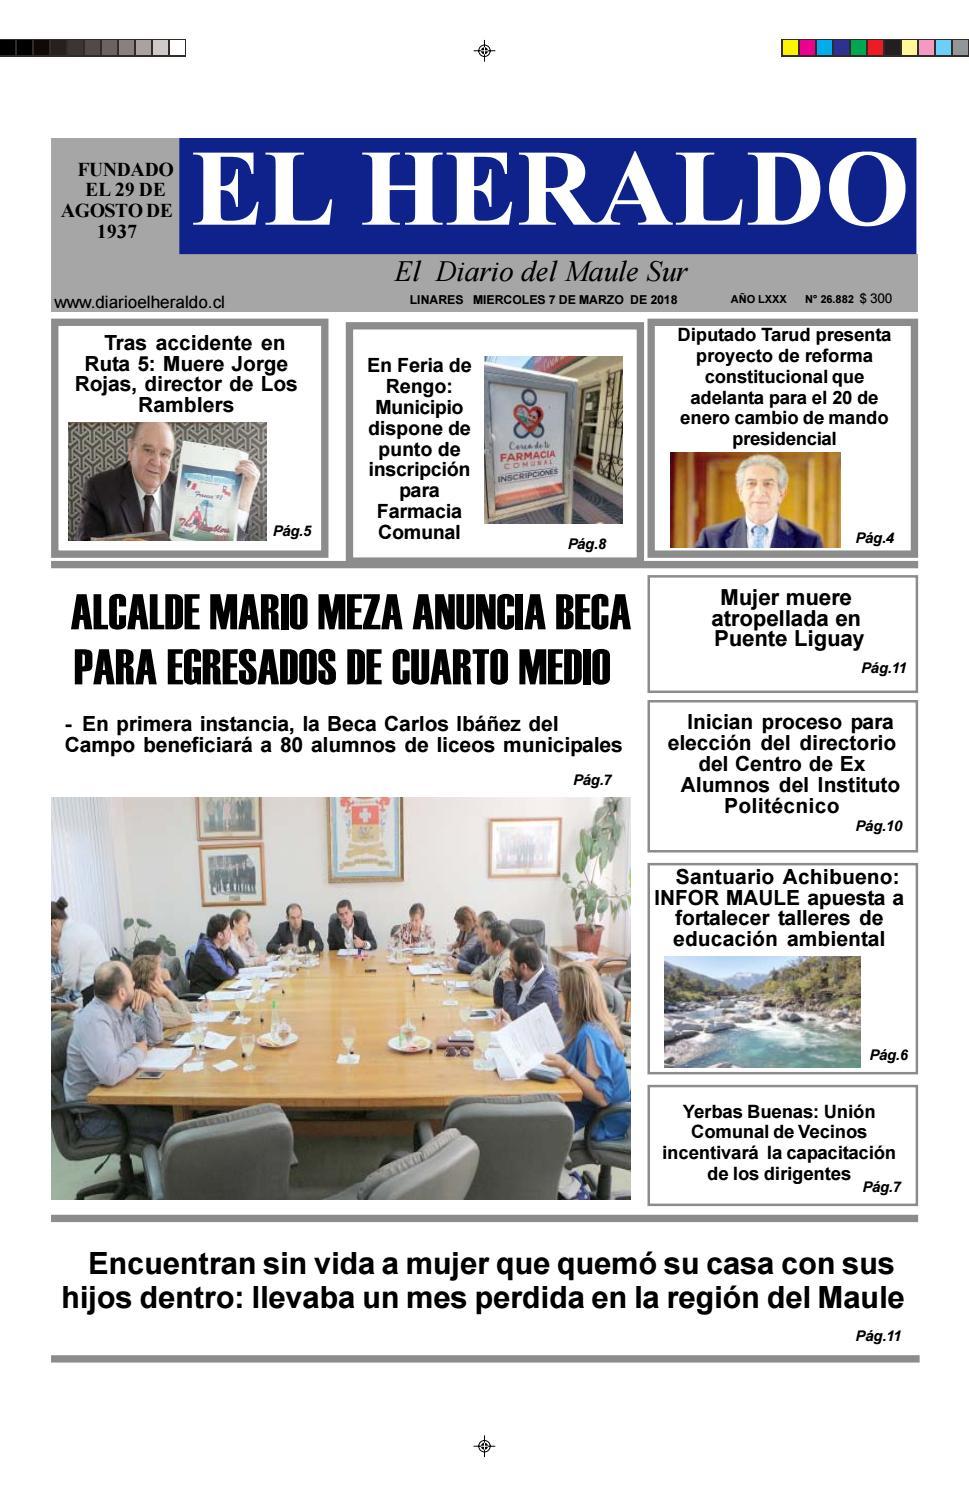 miercoles 07 de marzo 2018 by diario heraldo de linares